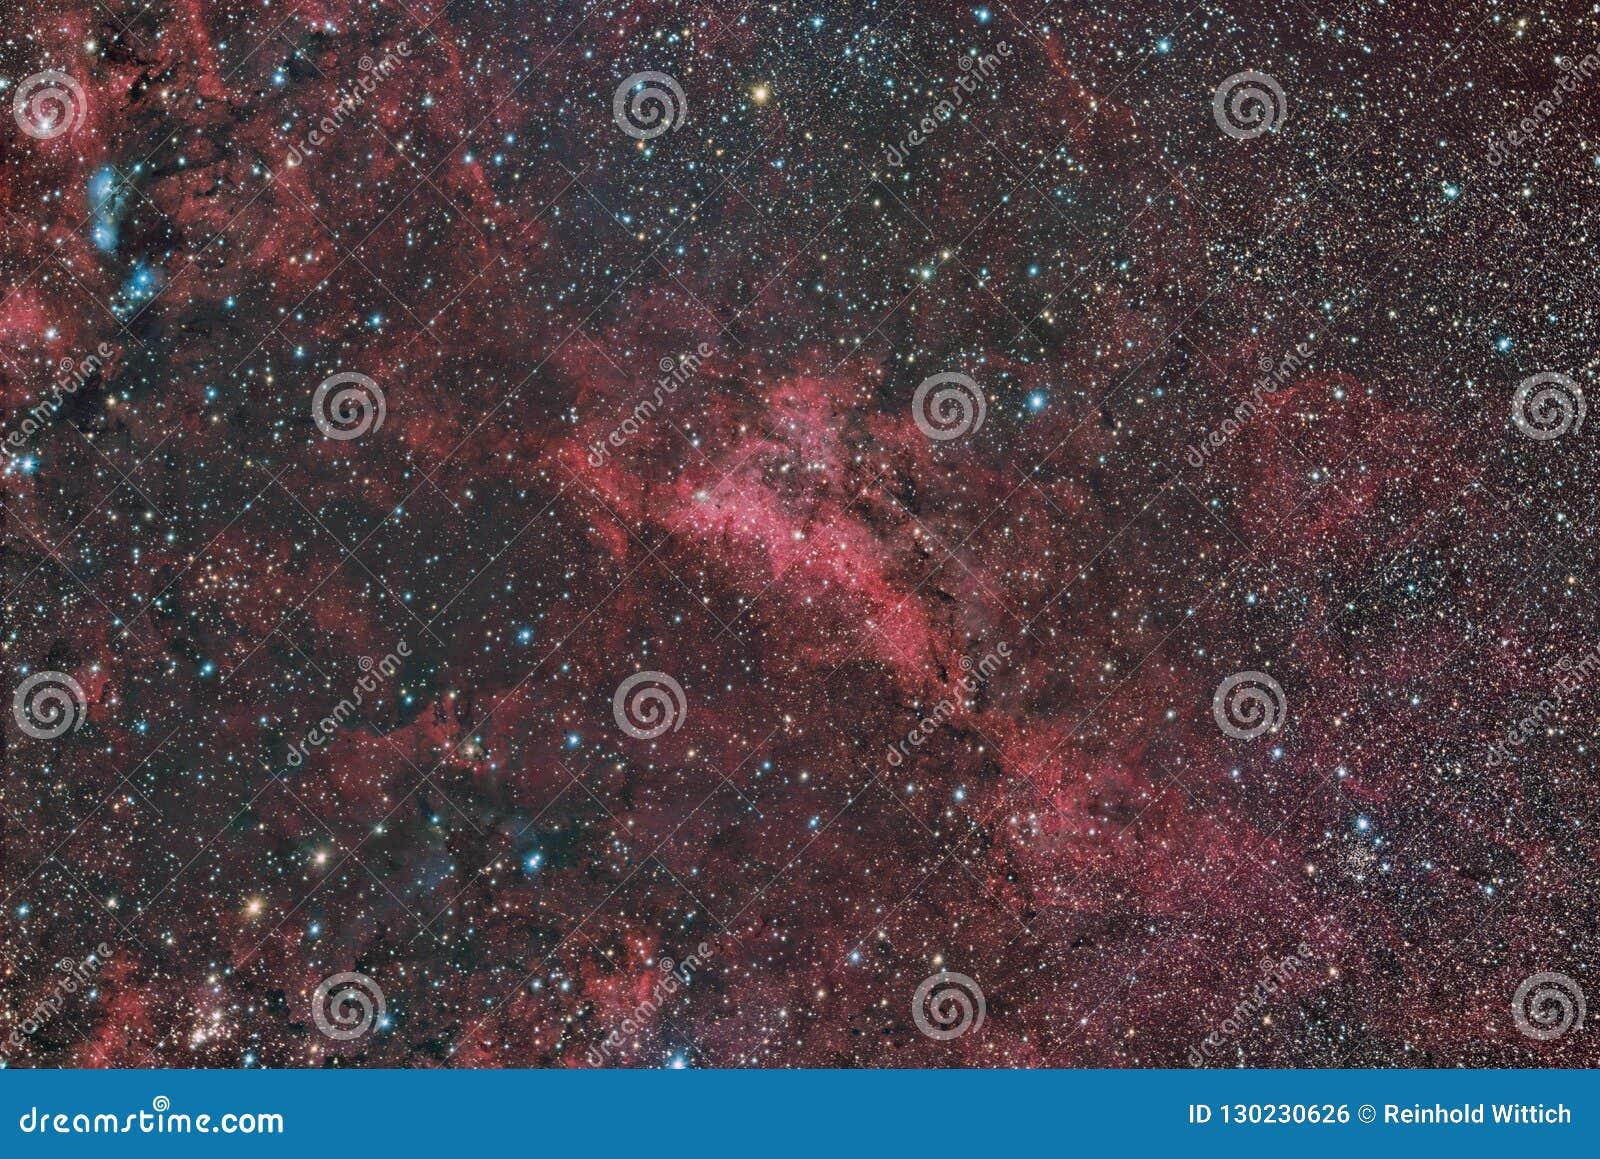 LBN 251放射和反射星云在星座天鹅座